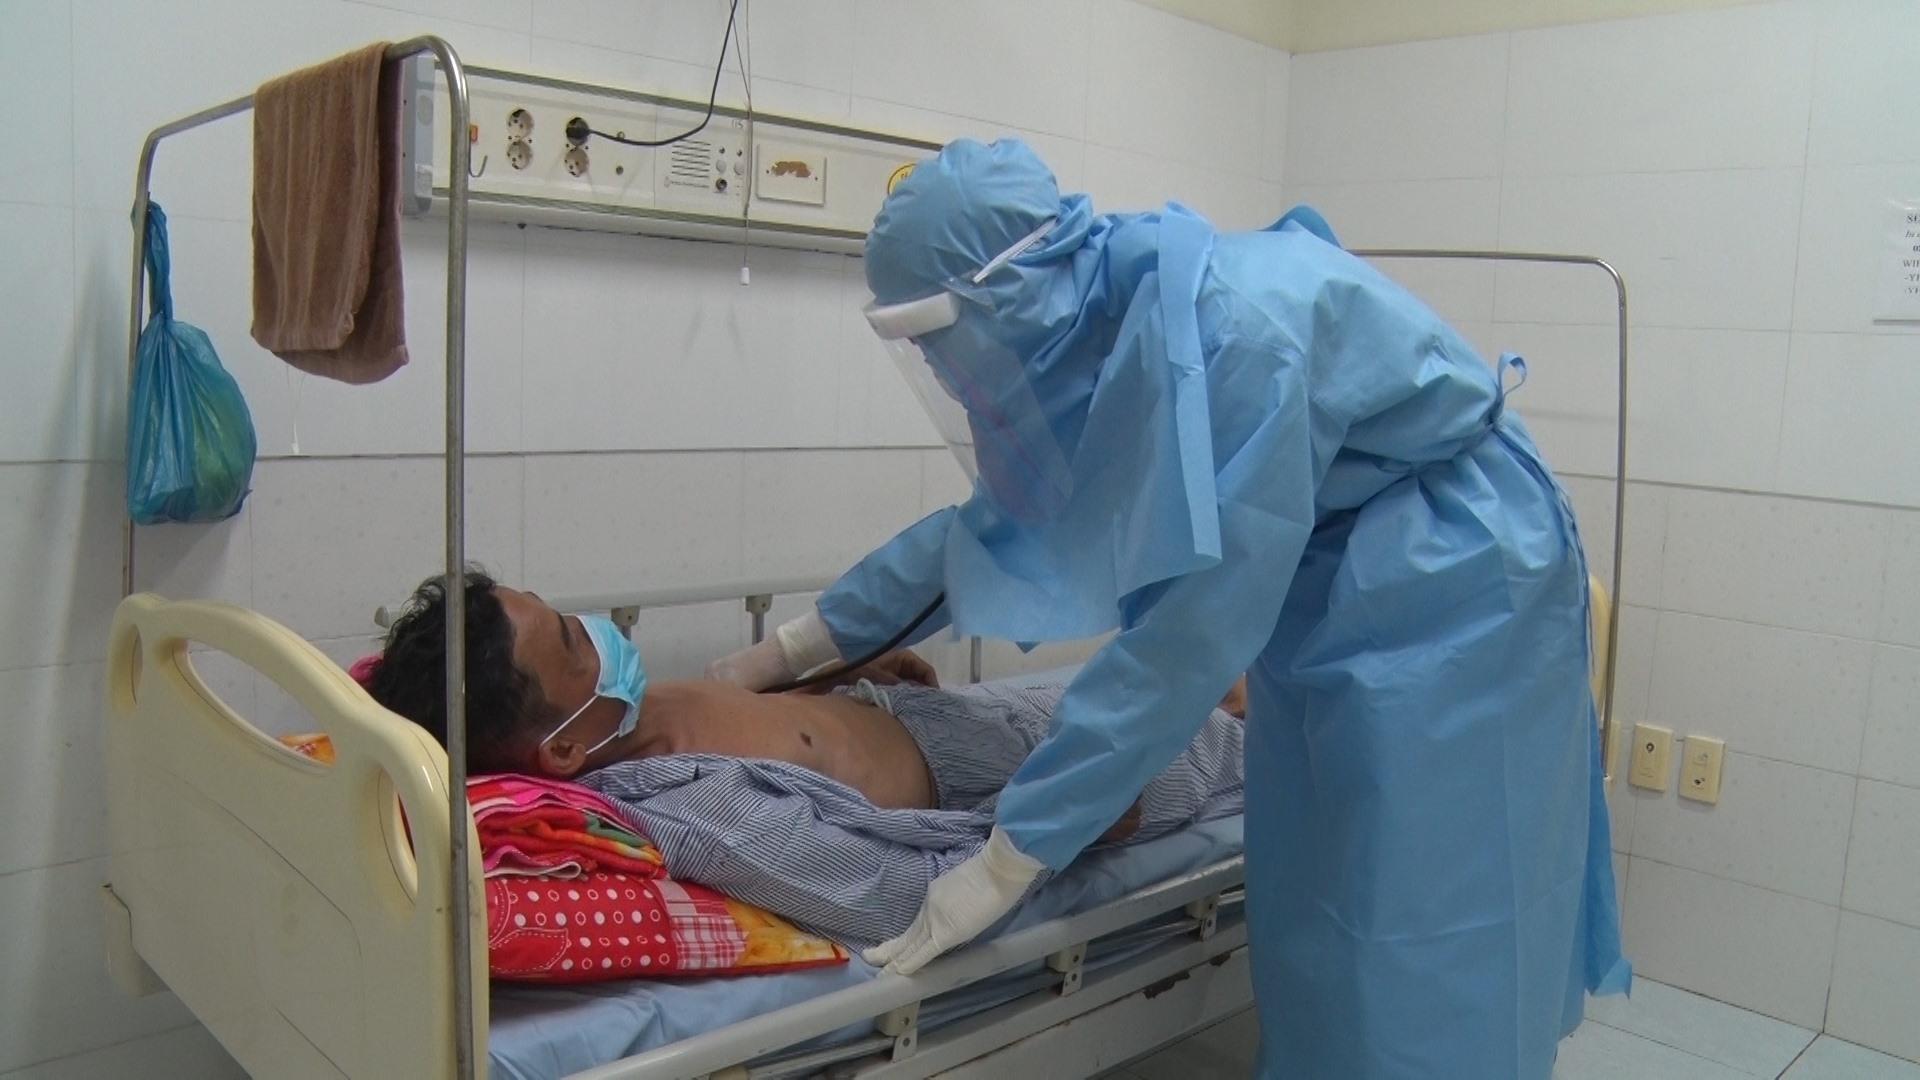 Ban chỉ đạo cấp tỉnh phòng, chống dịch bệnh Covid-19 đã có kế hoạch Đáp ứng với từng cấp độ dịch bệnh COVID-19 trong giai đoạn mới trên địa bàn tỉnh Quảng Nam. Ảnh: Đ. ĐẠO